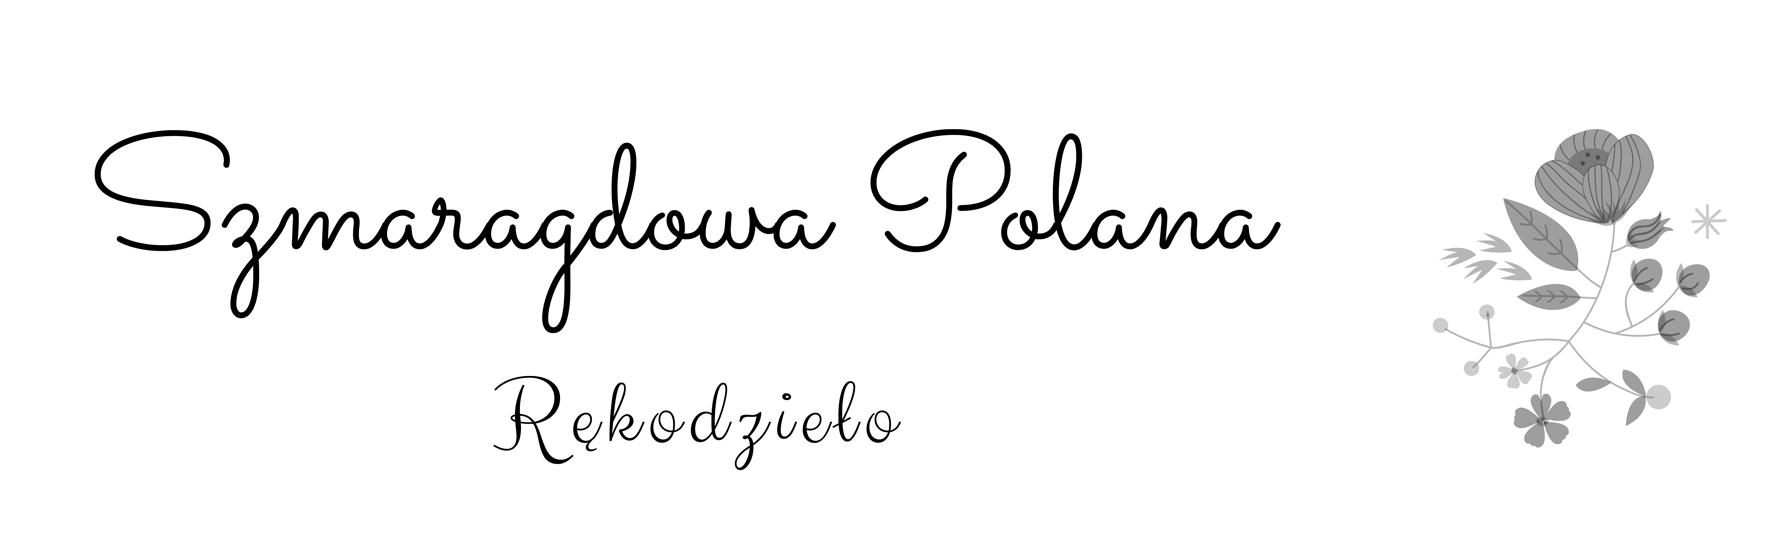 Szmaragdowa Polana - biżuteria ręcznie robiona